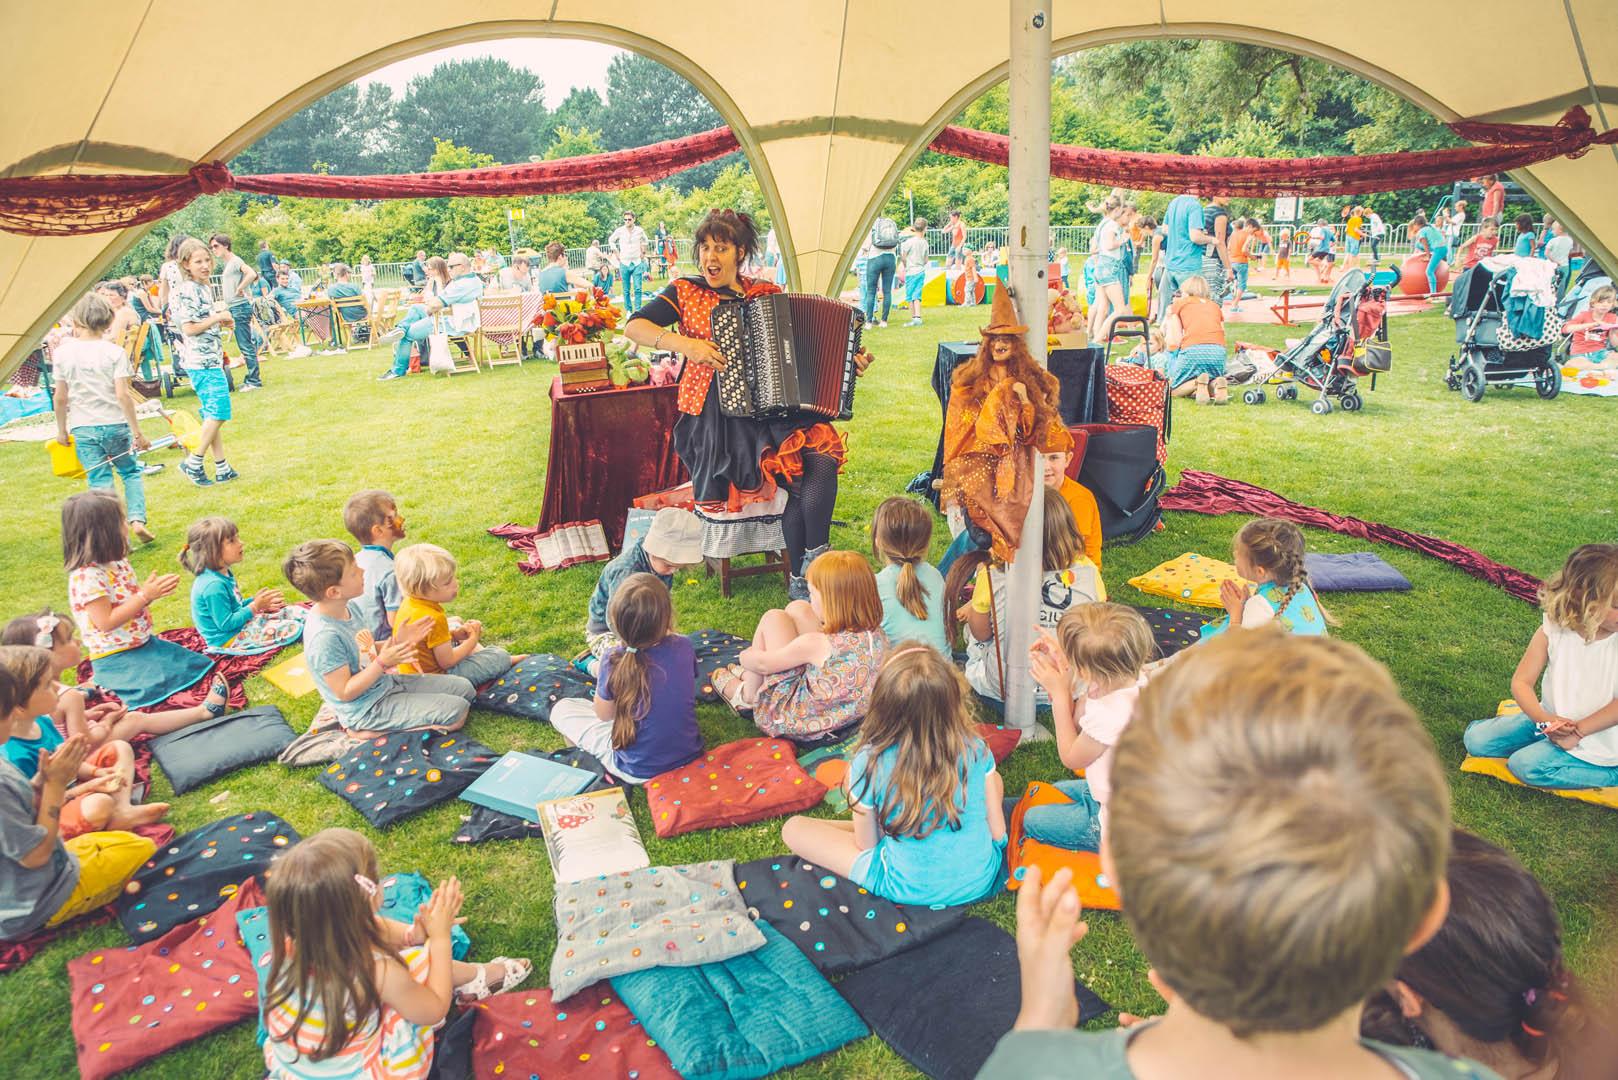 Stad Gent Picknick Event Tent